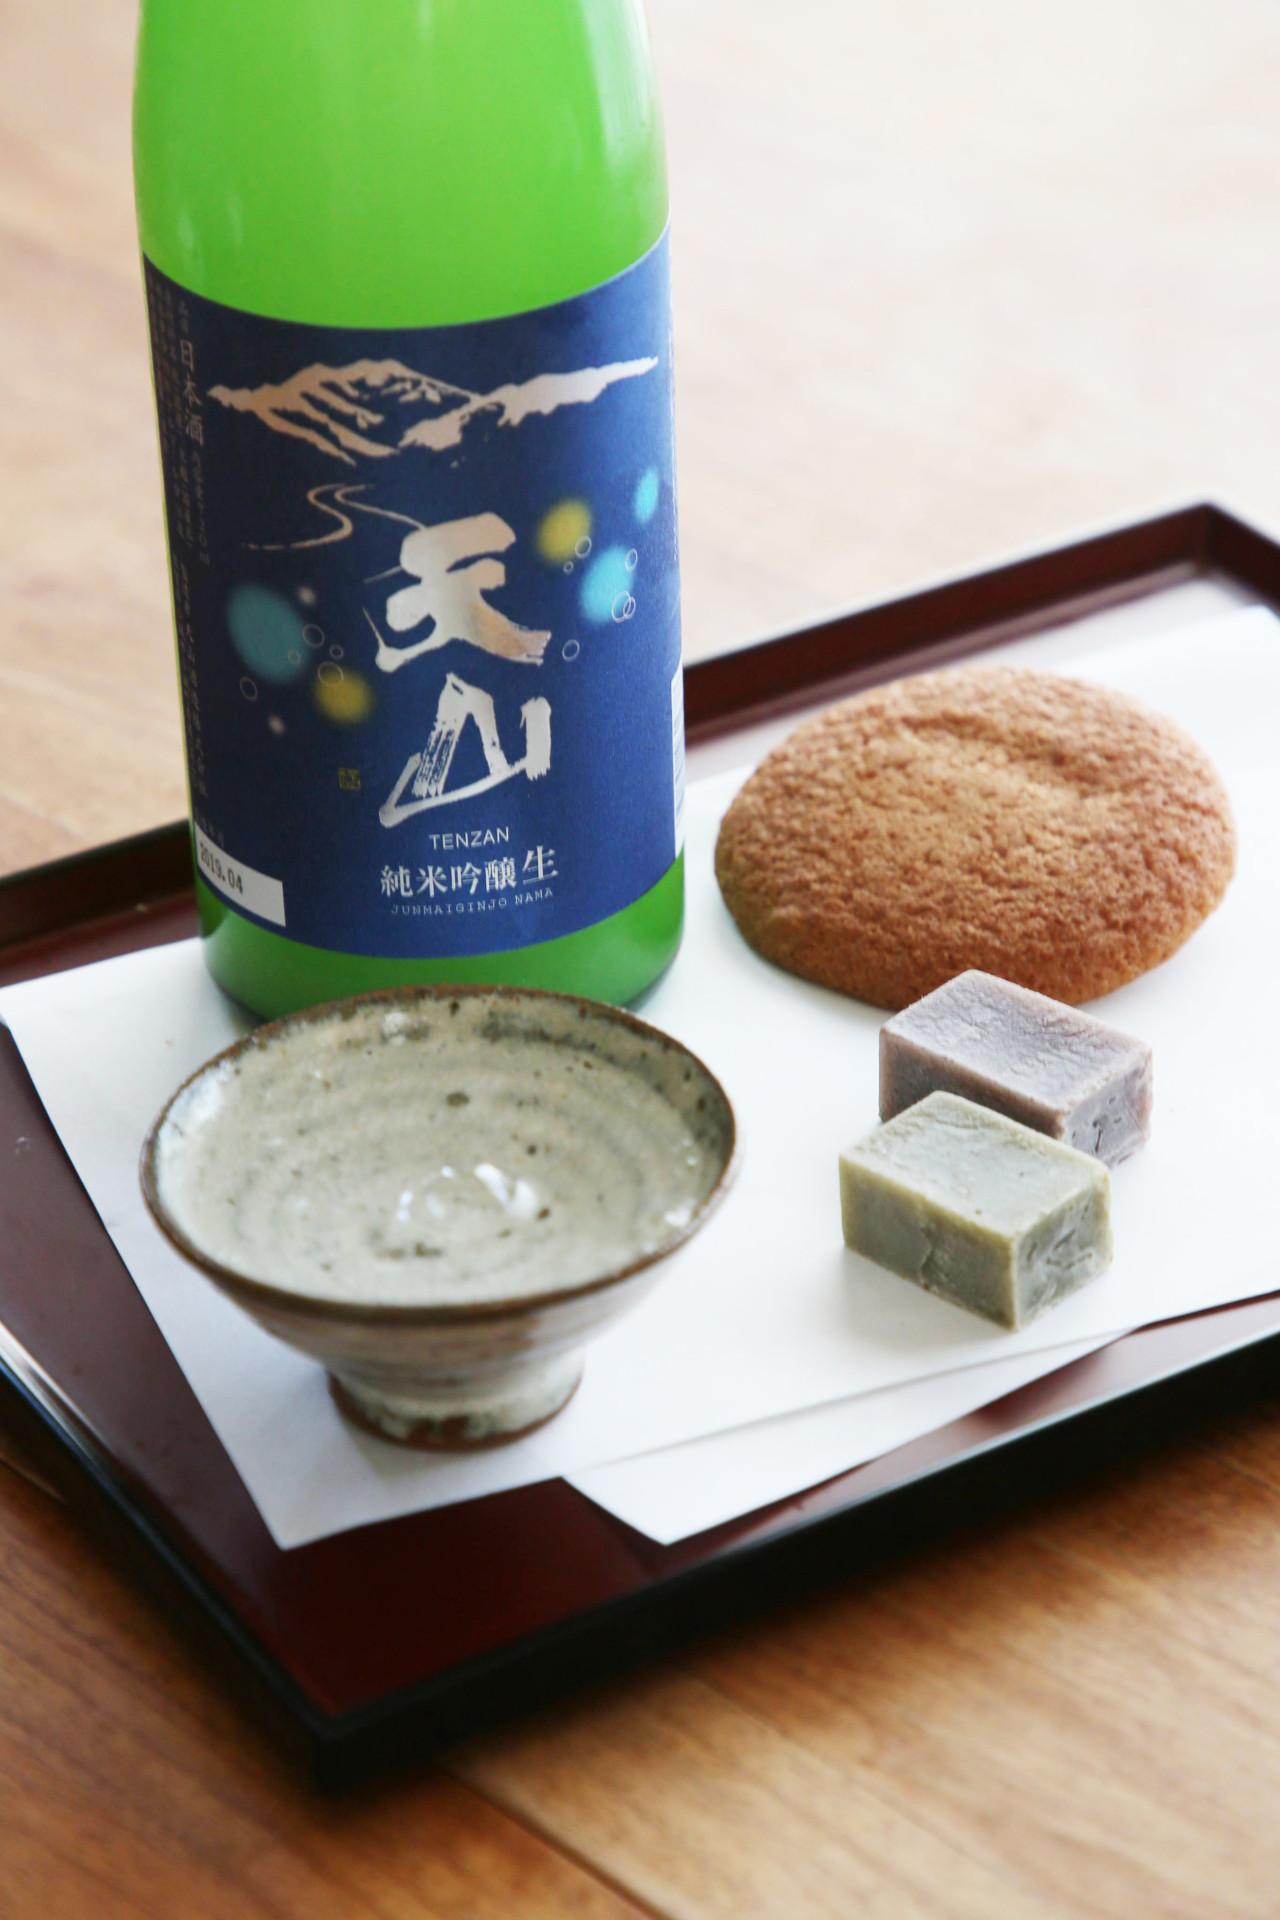 天山 純米吟醸おりがらみ生(天山酒造1,730円)を和菓子に合わせて